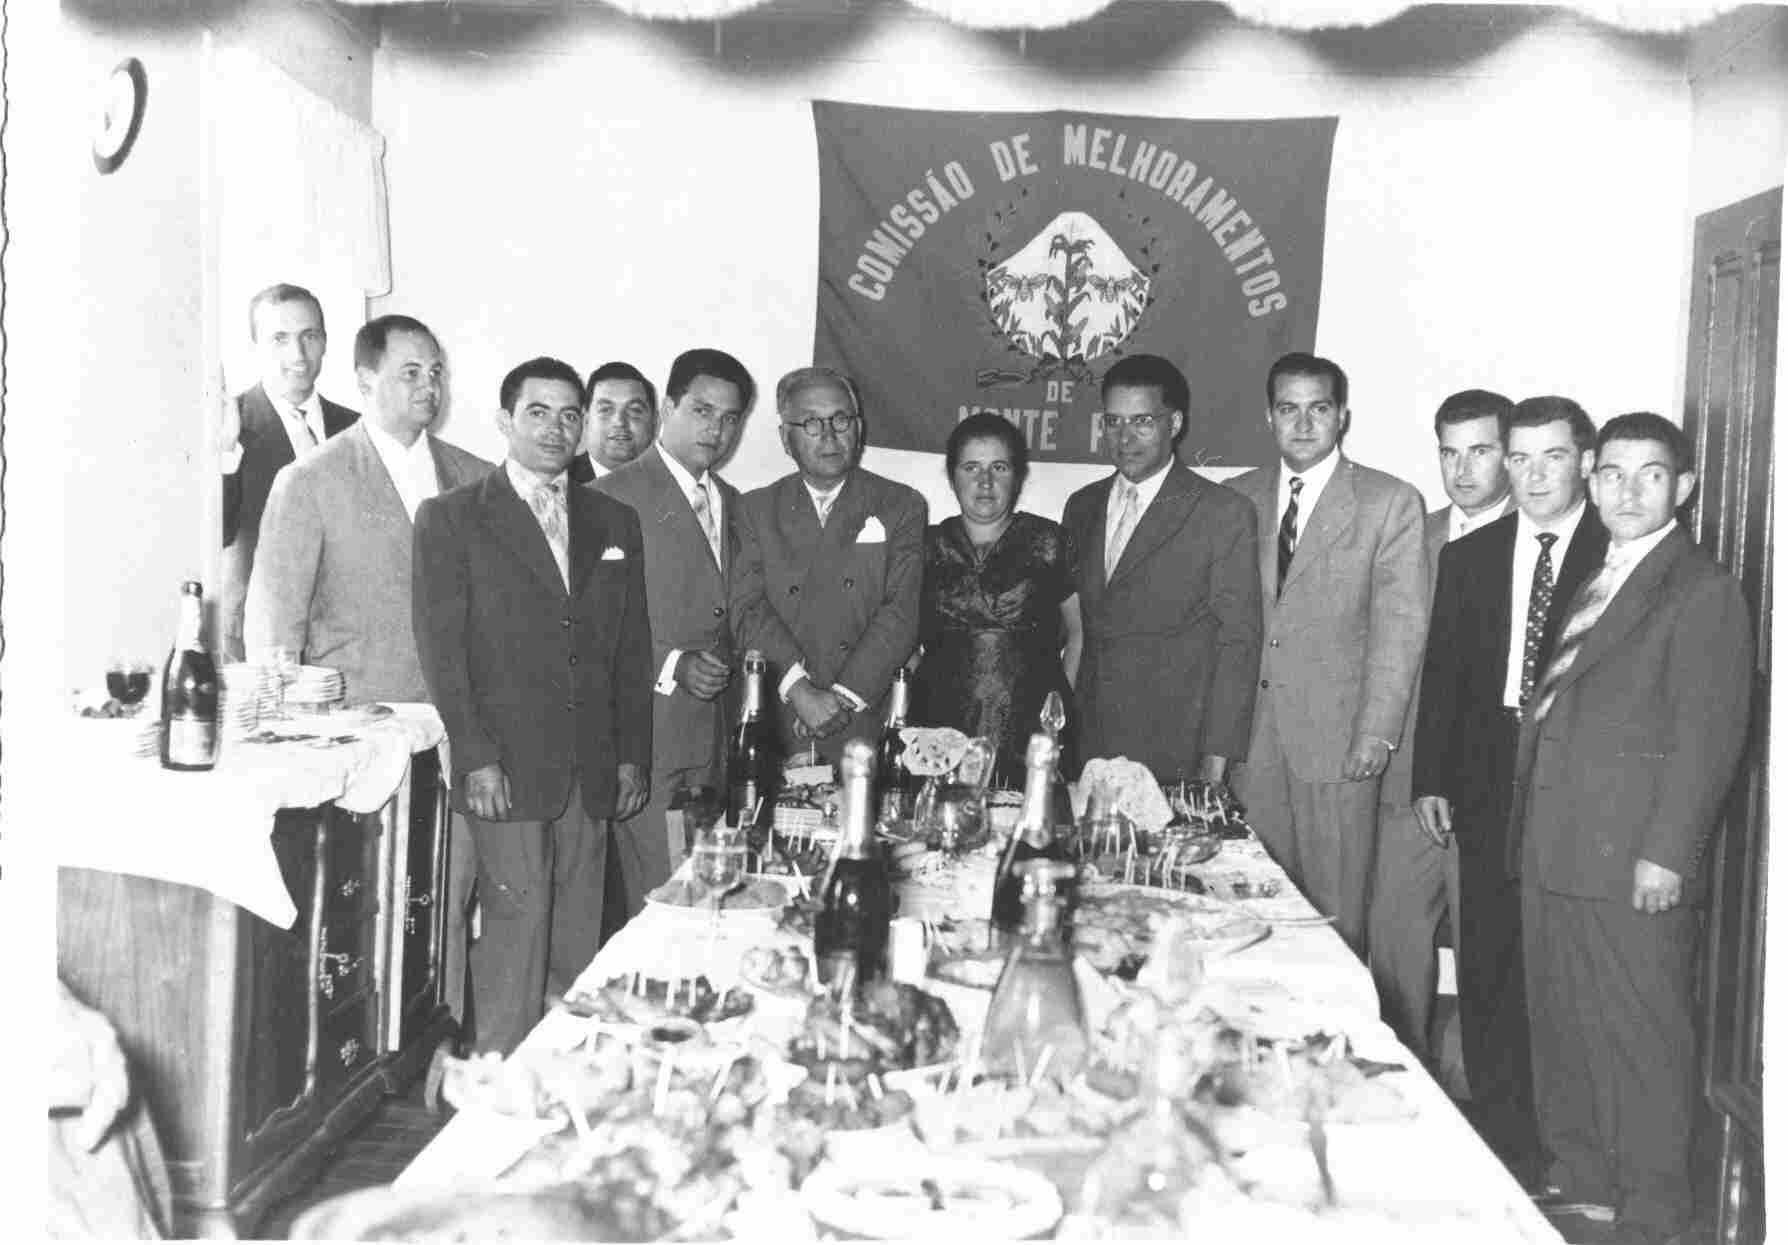 Banquete da Comissão de Melhoramentos na Sexta-feira, 12 de Agosto de 1960